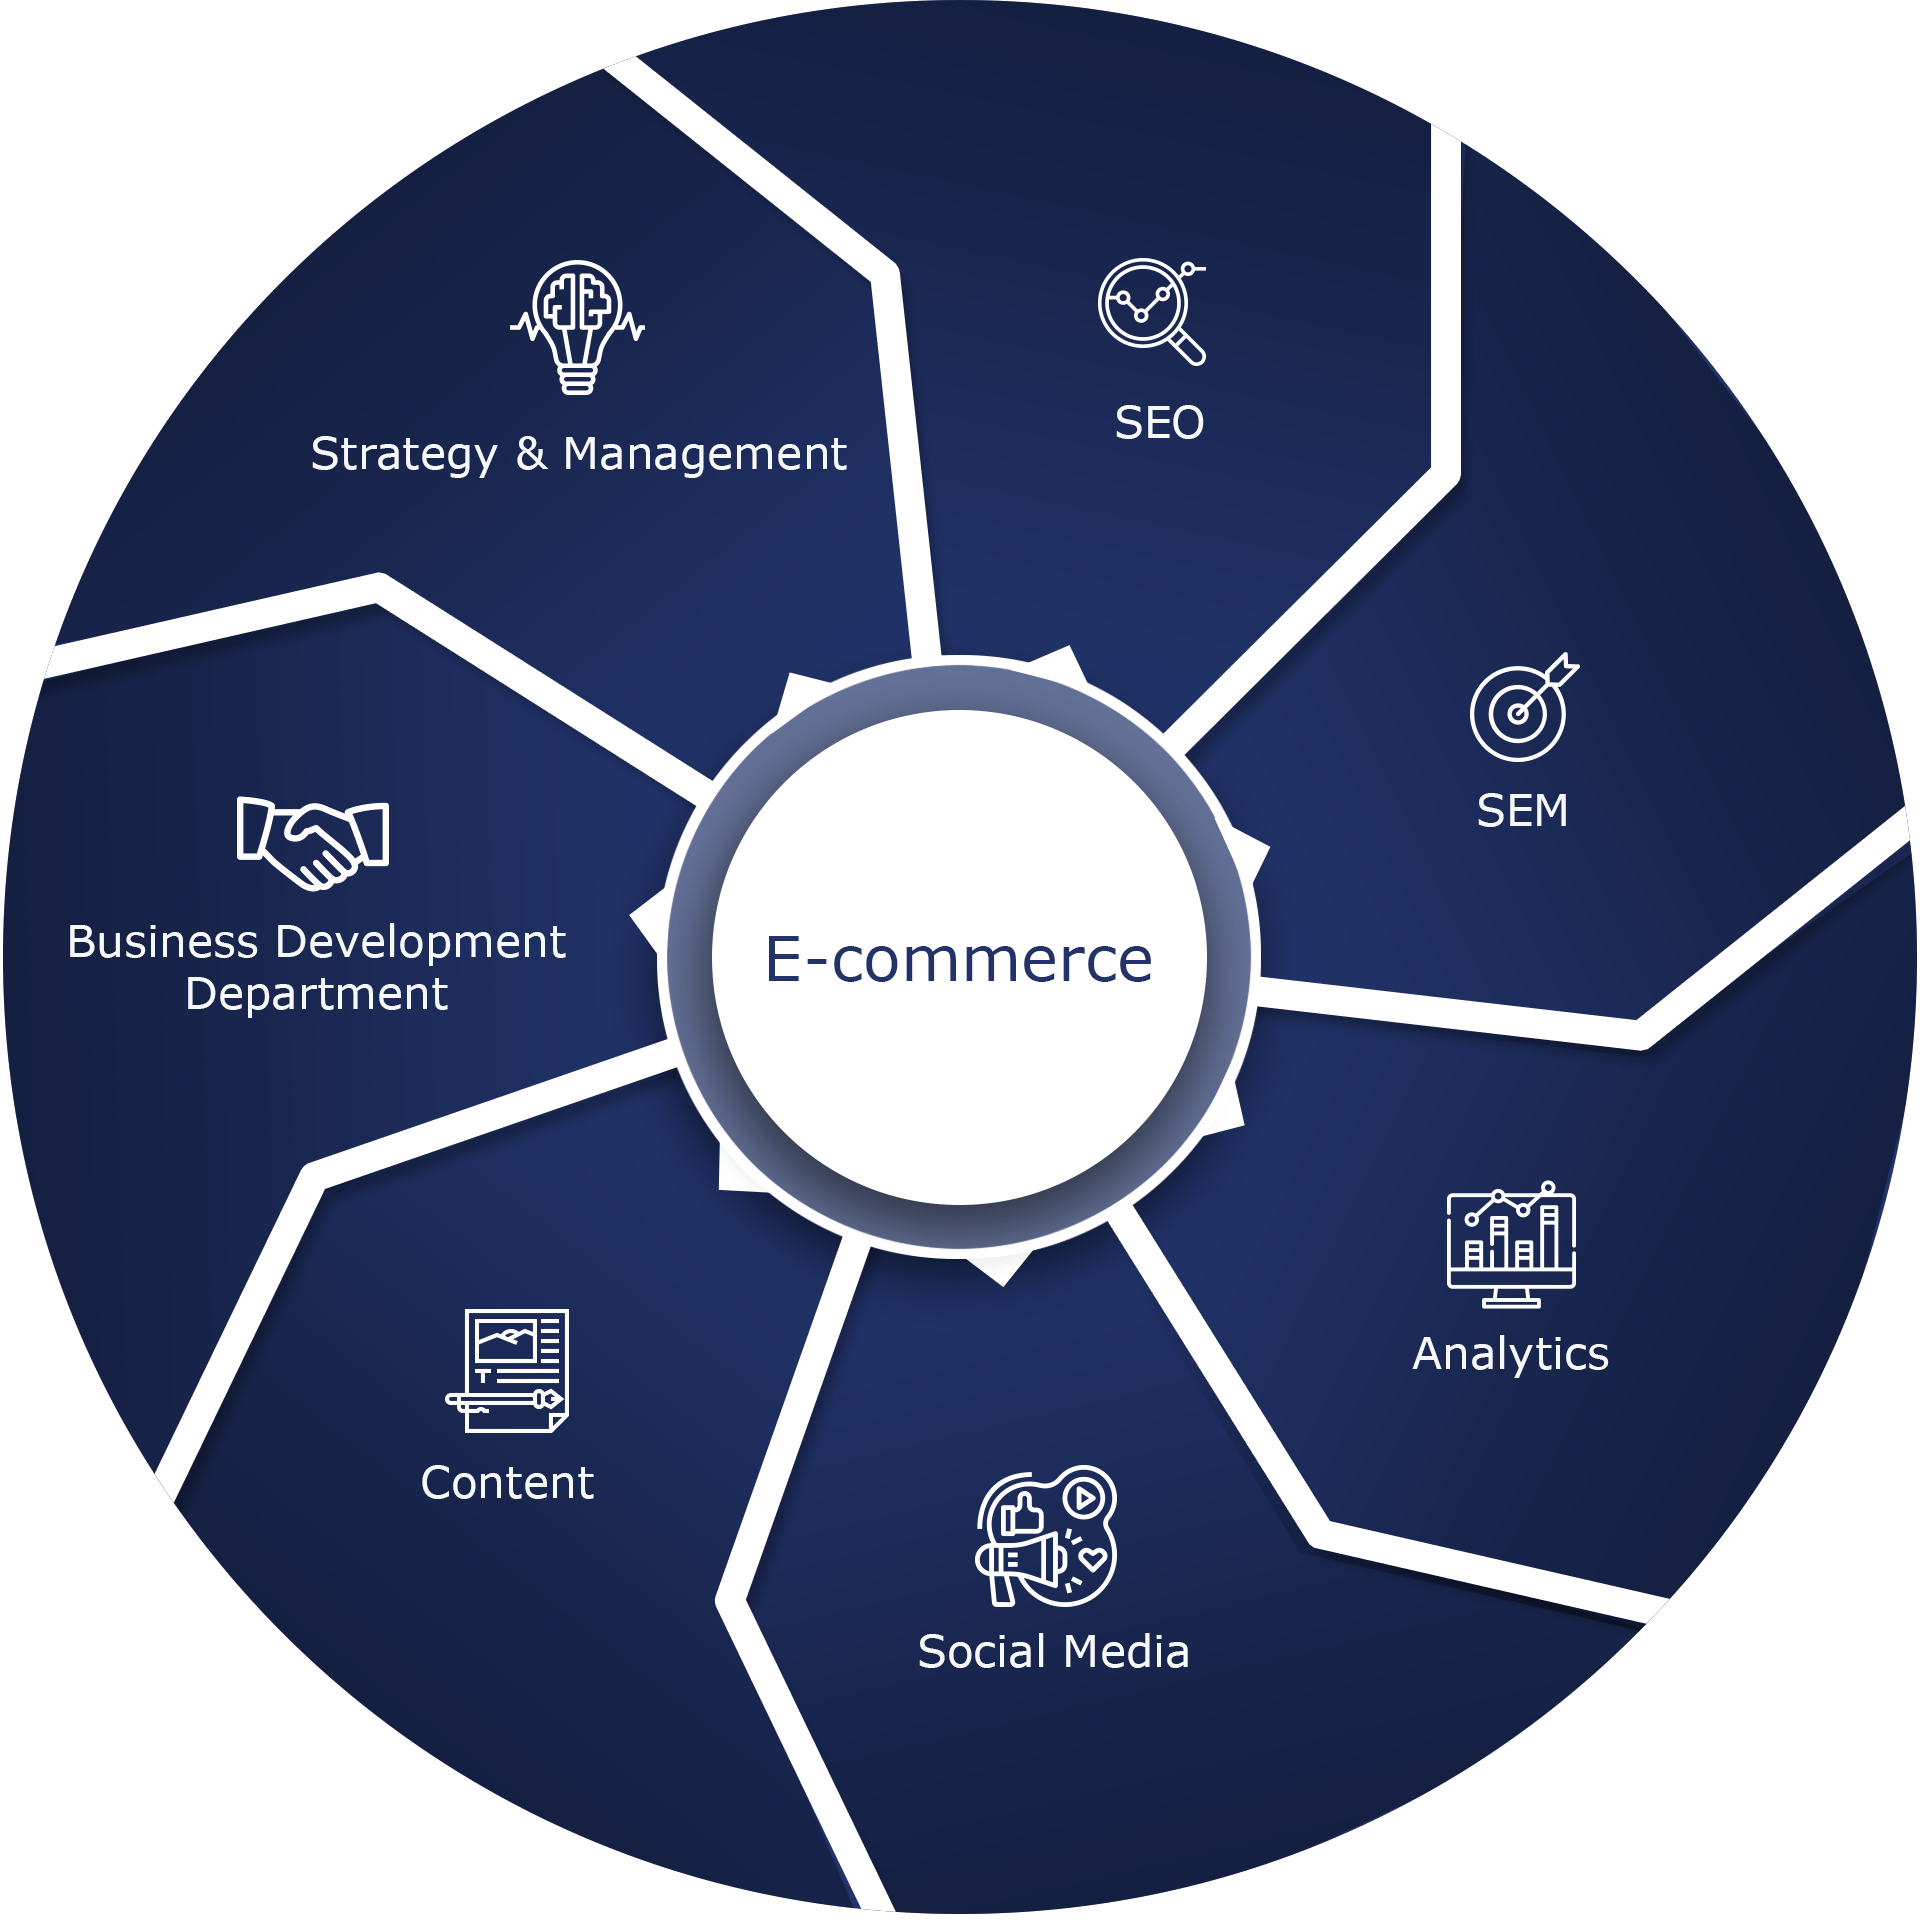 wykres usług firmy